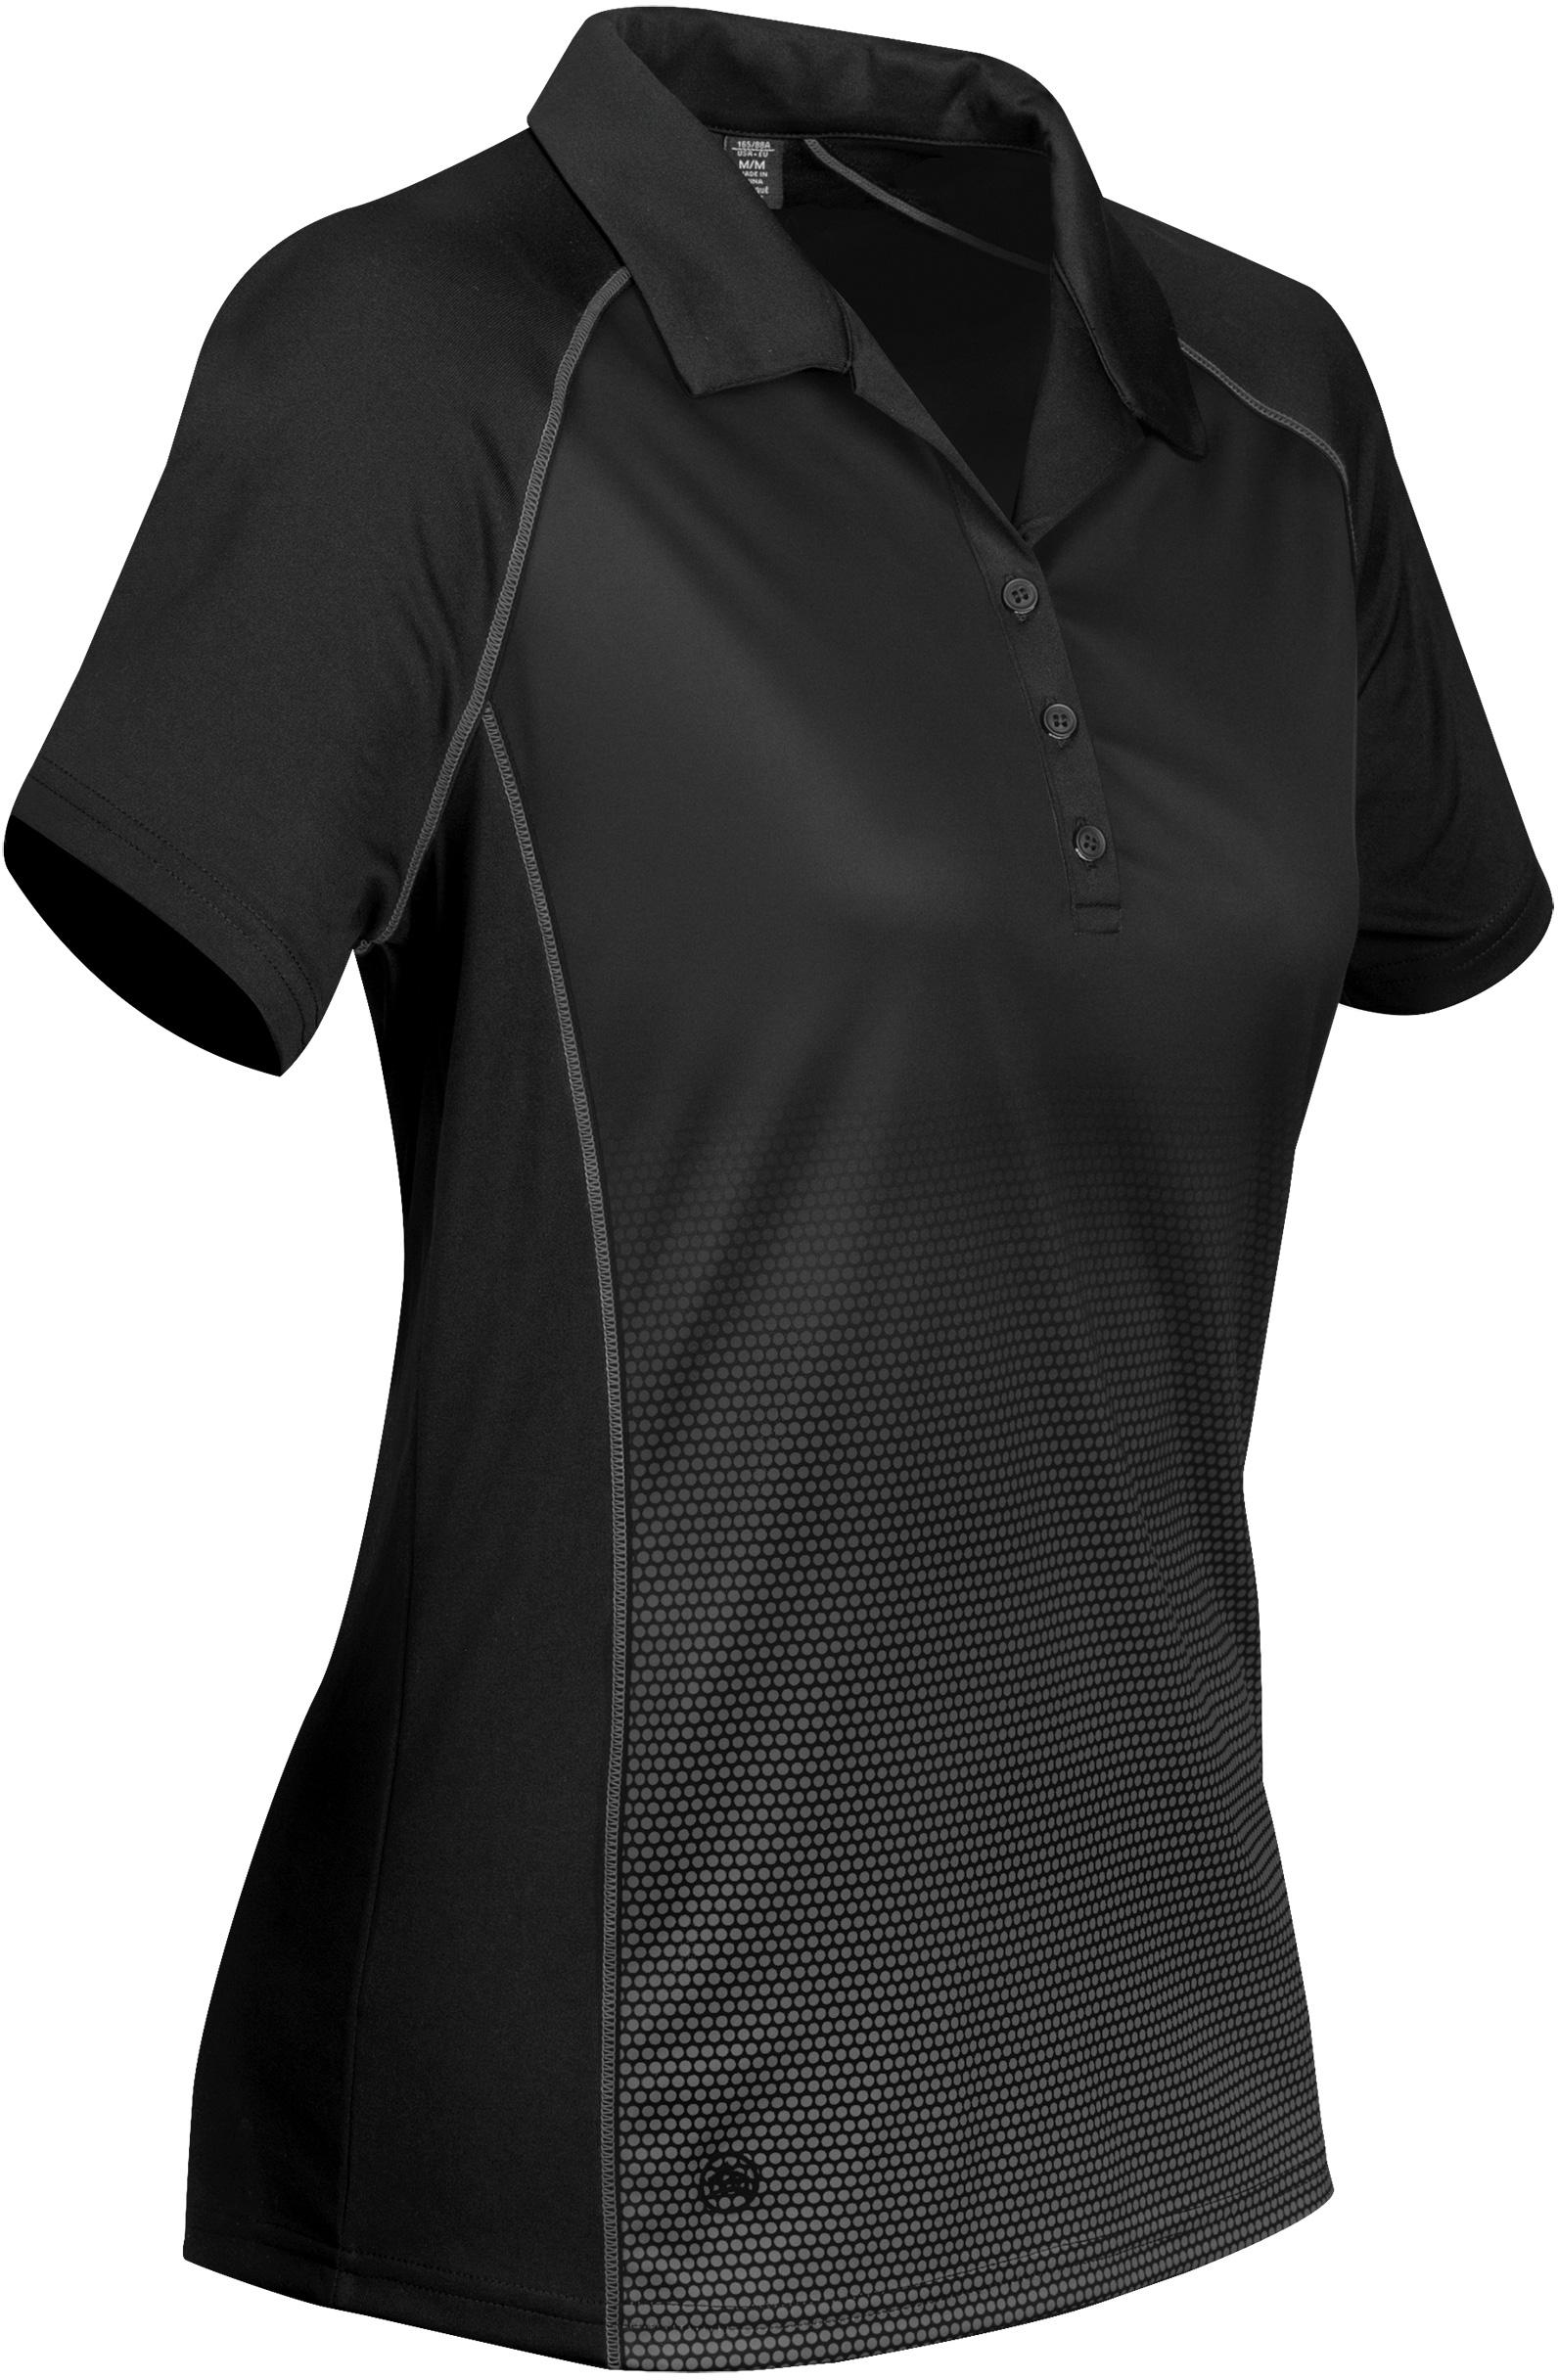 Stormtech GTP-2W - Women's Matrix Polo